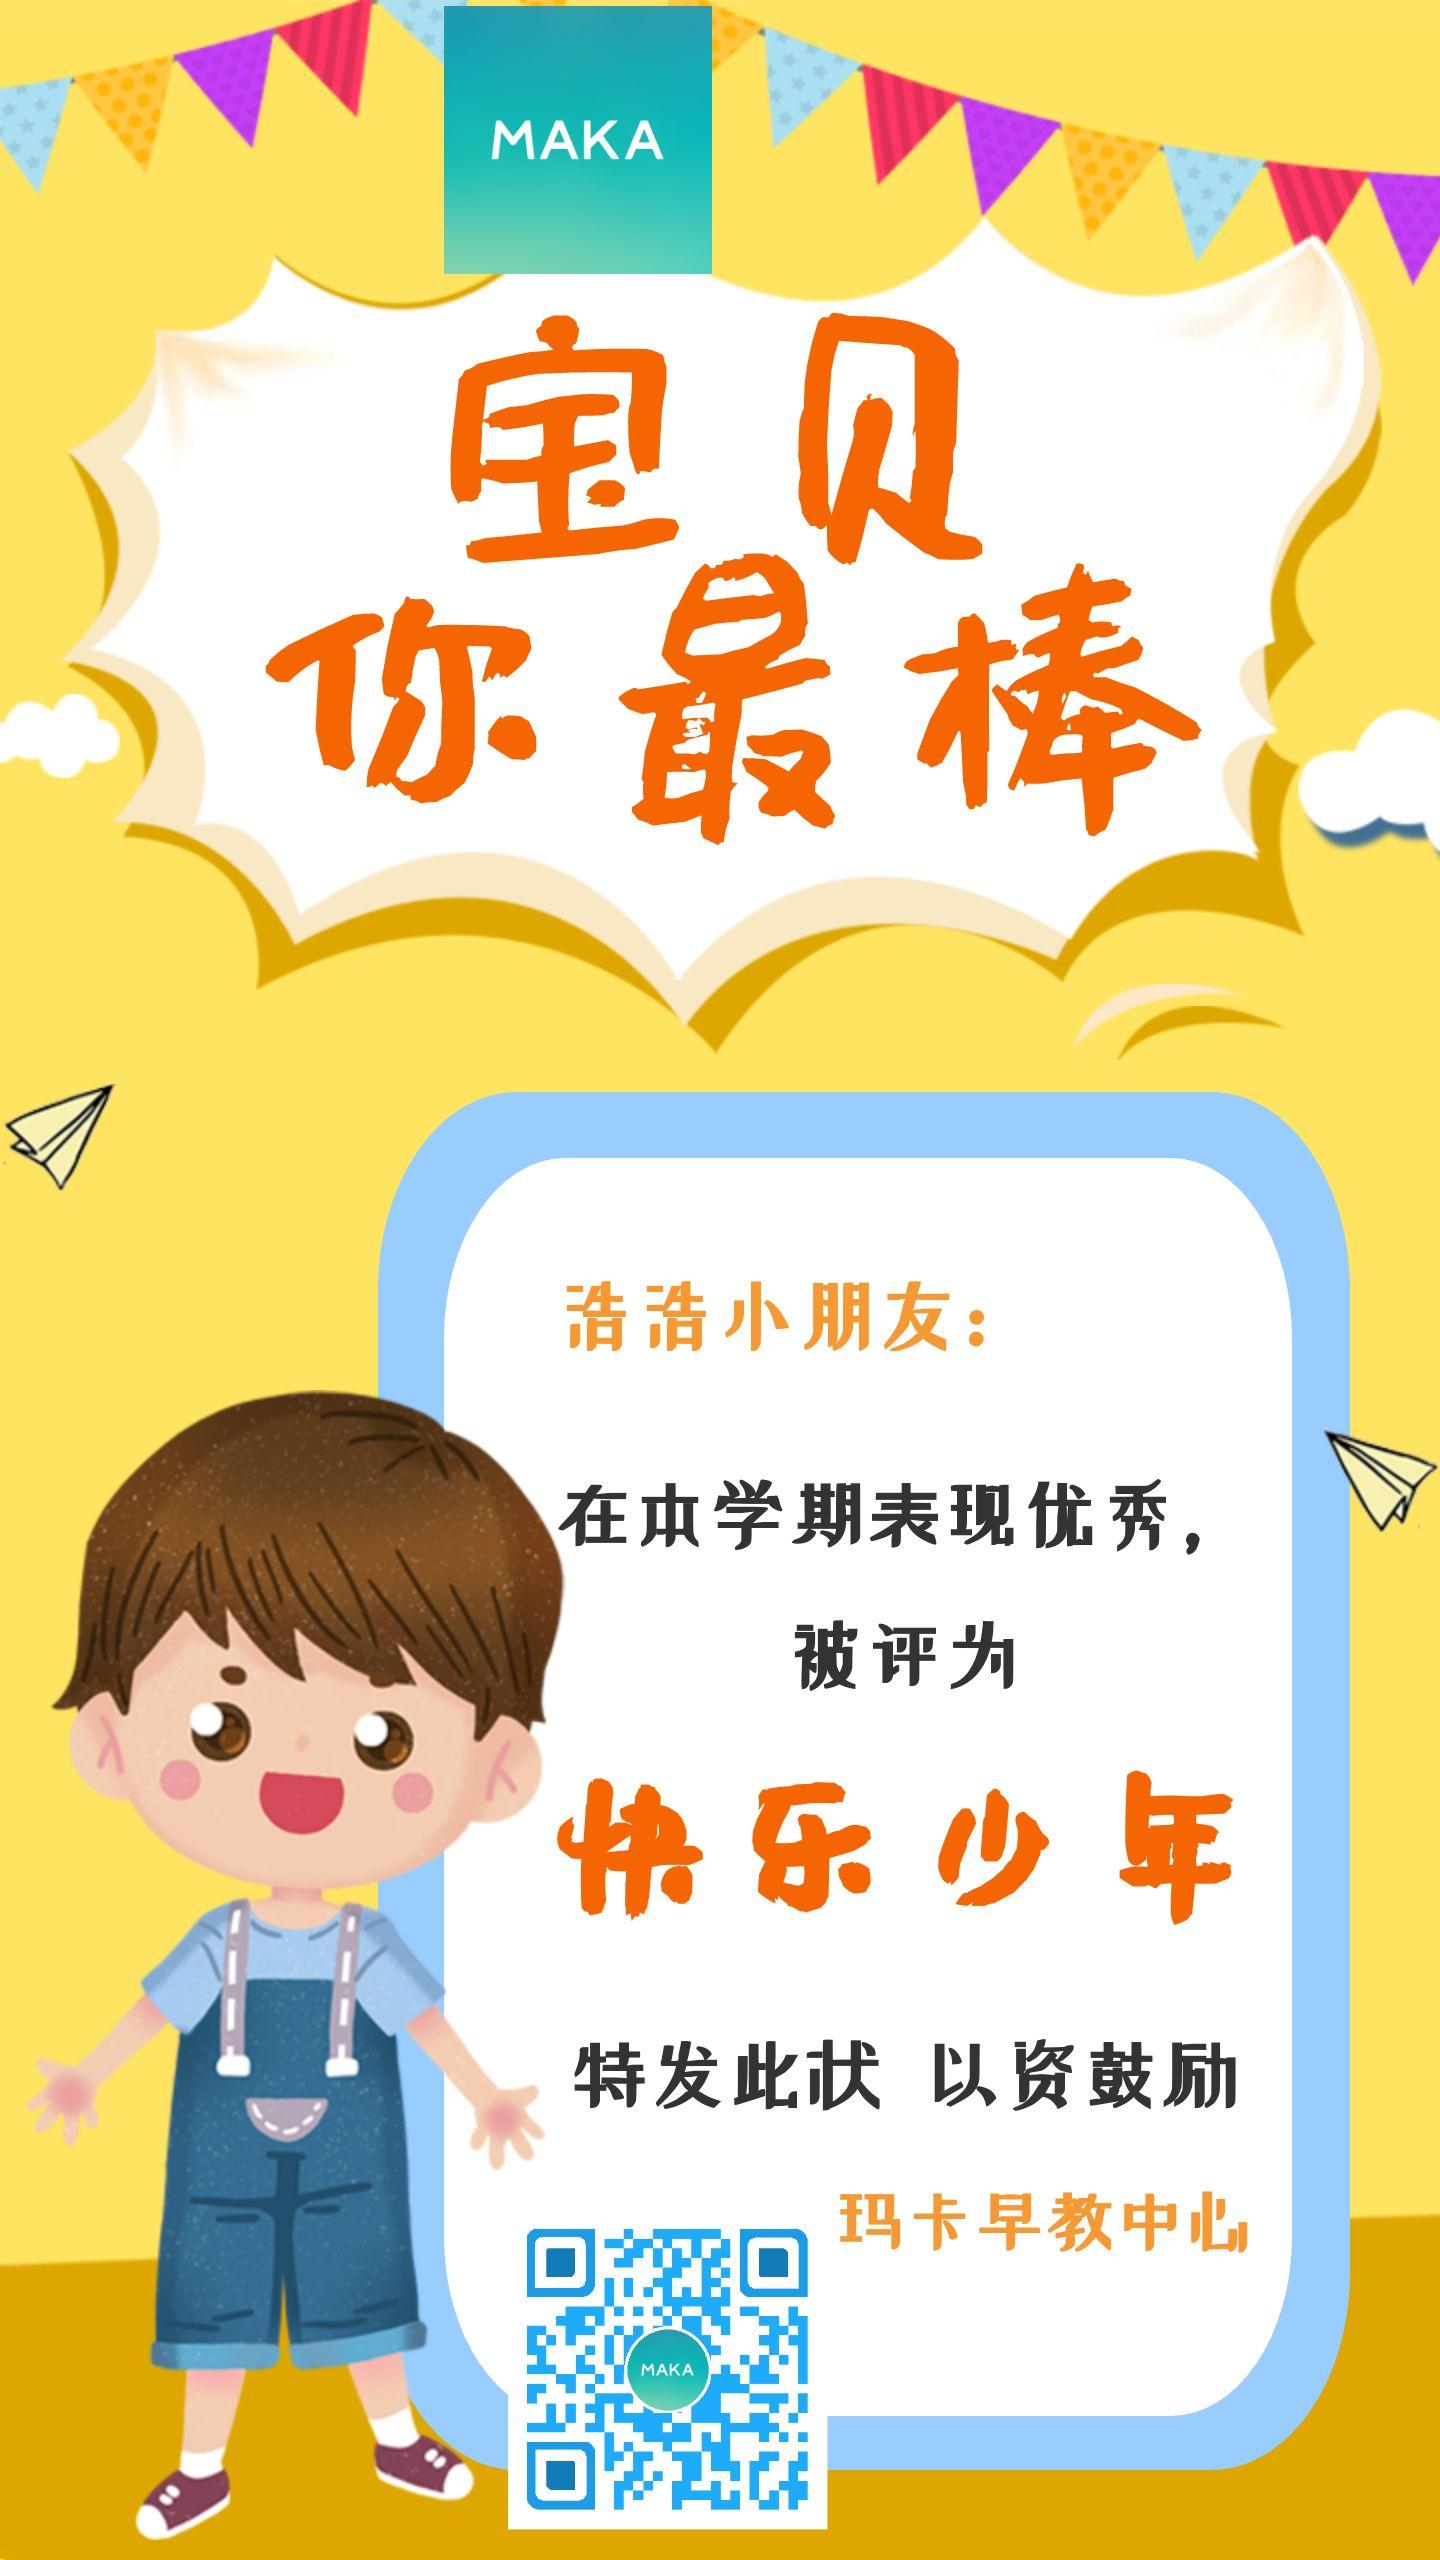 黄色卡通早教幼儿园宝贝你最棒嘉奖祝福奖状海报